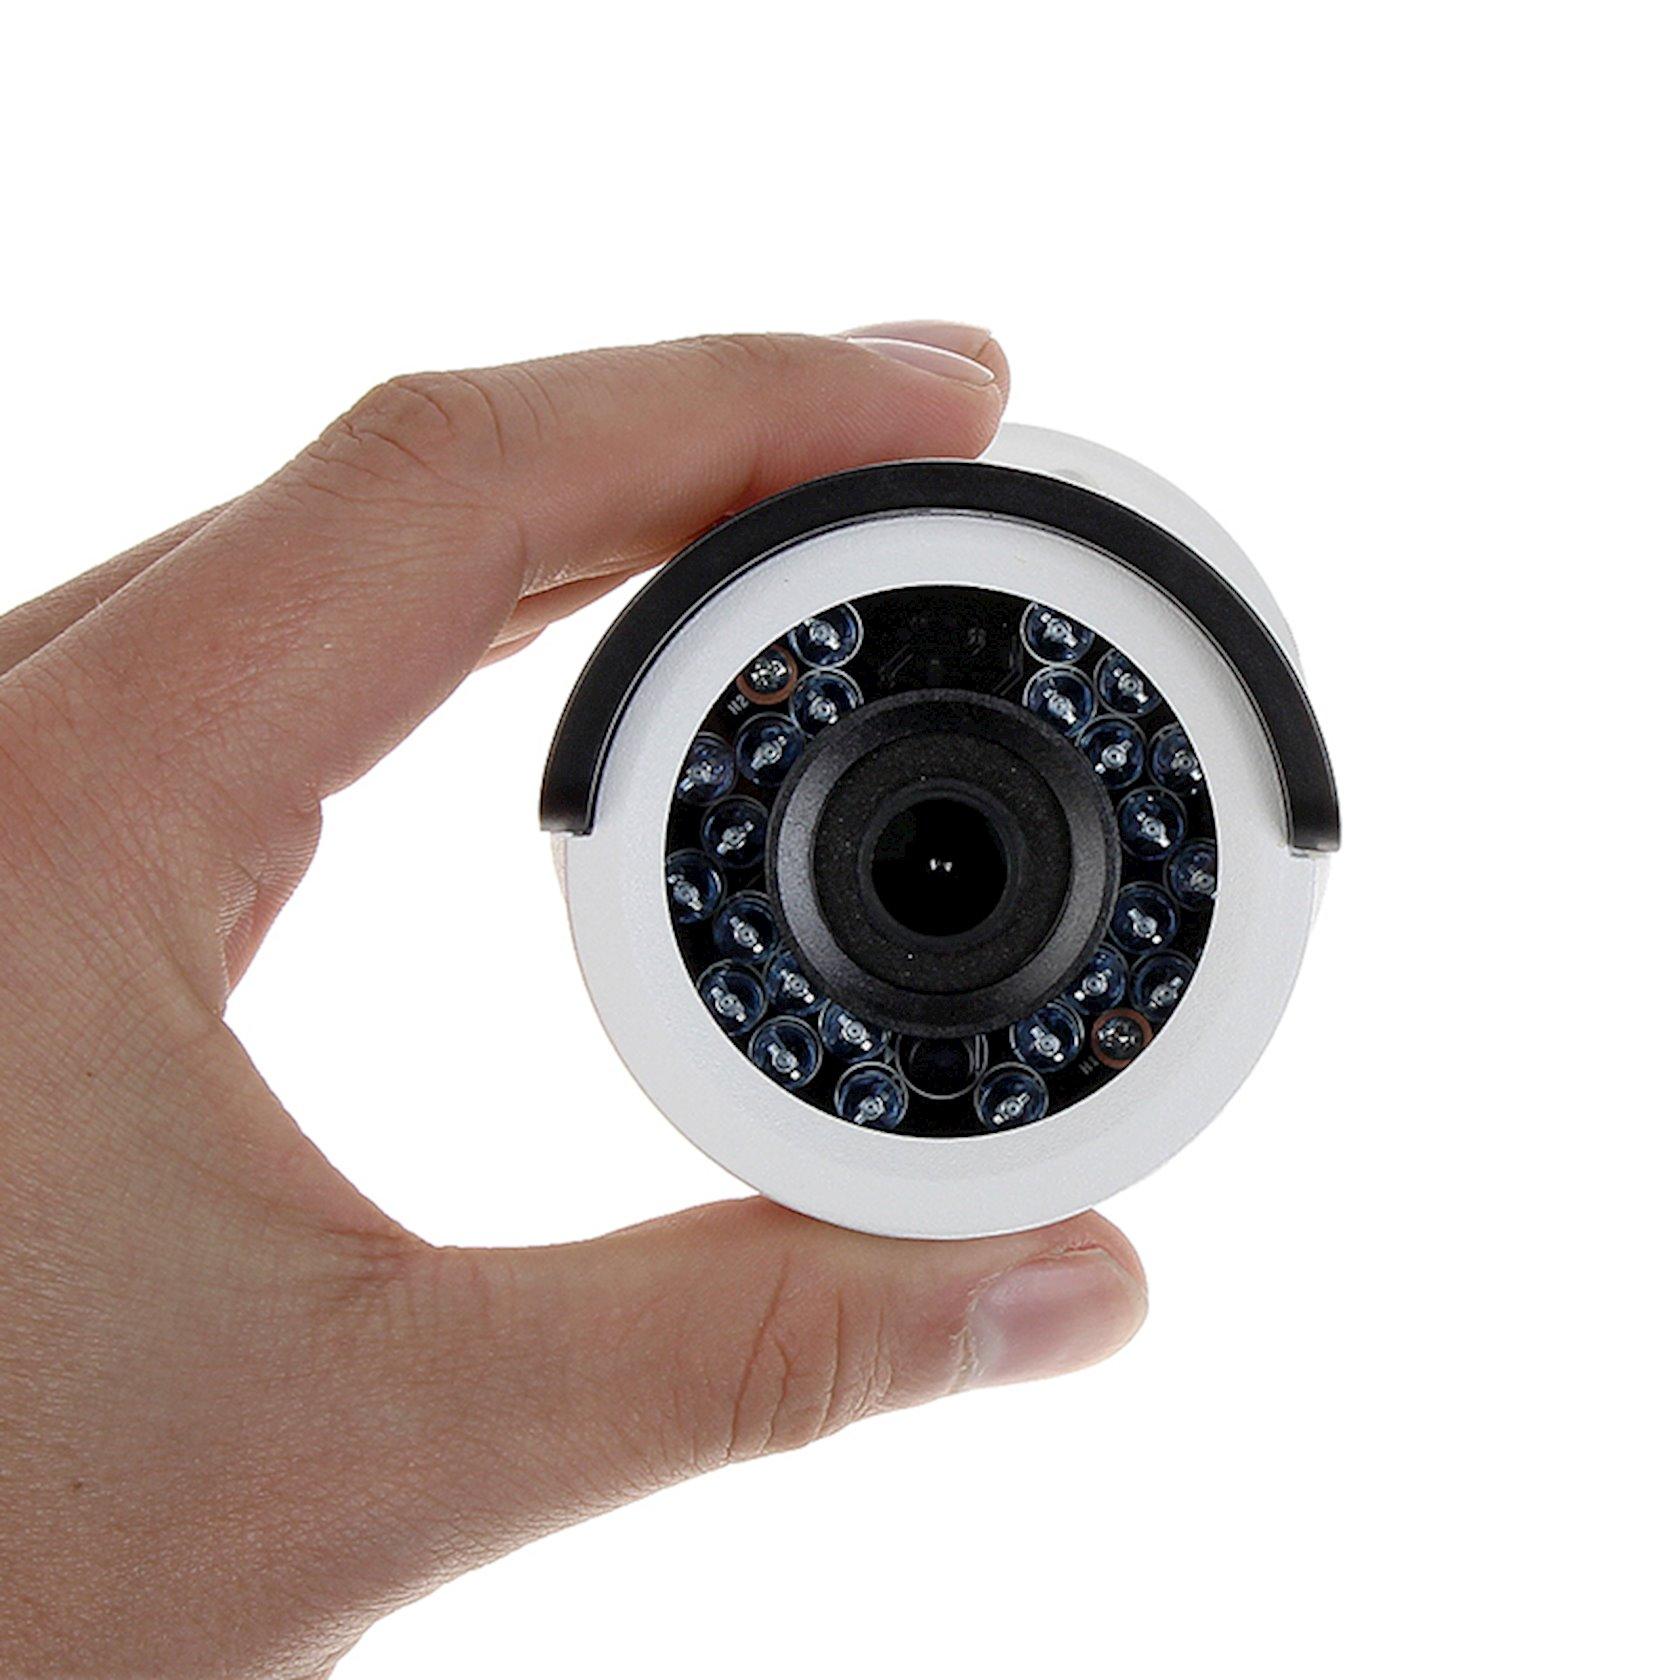 Müşahidə üçün kamera Hikvision DS-2CE16C0T-IRF (3.6 mm) Turbo HD